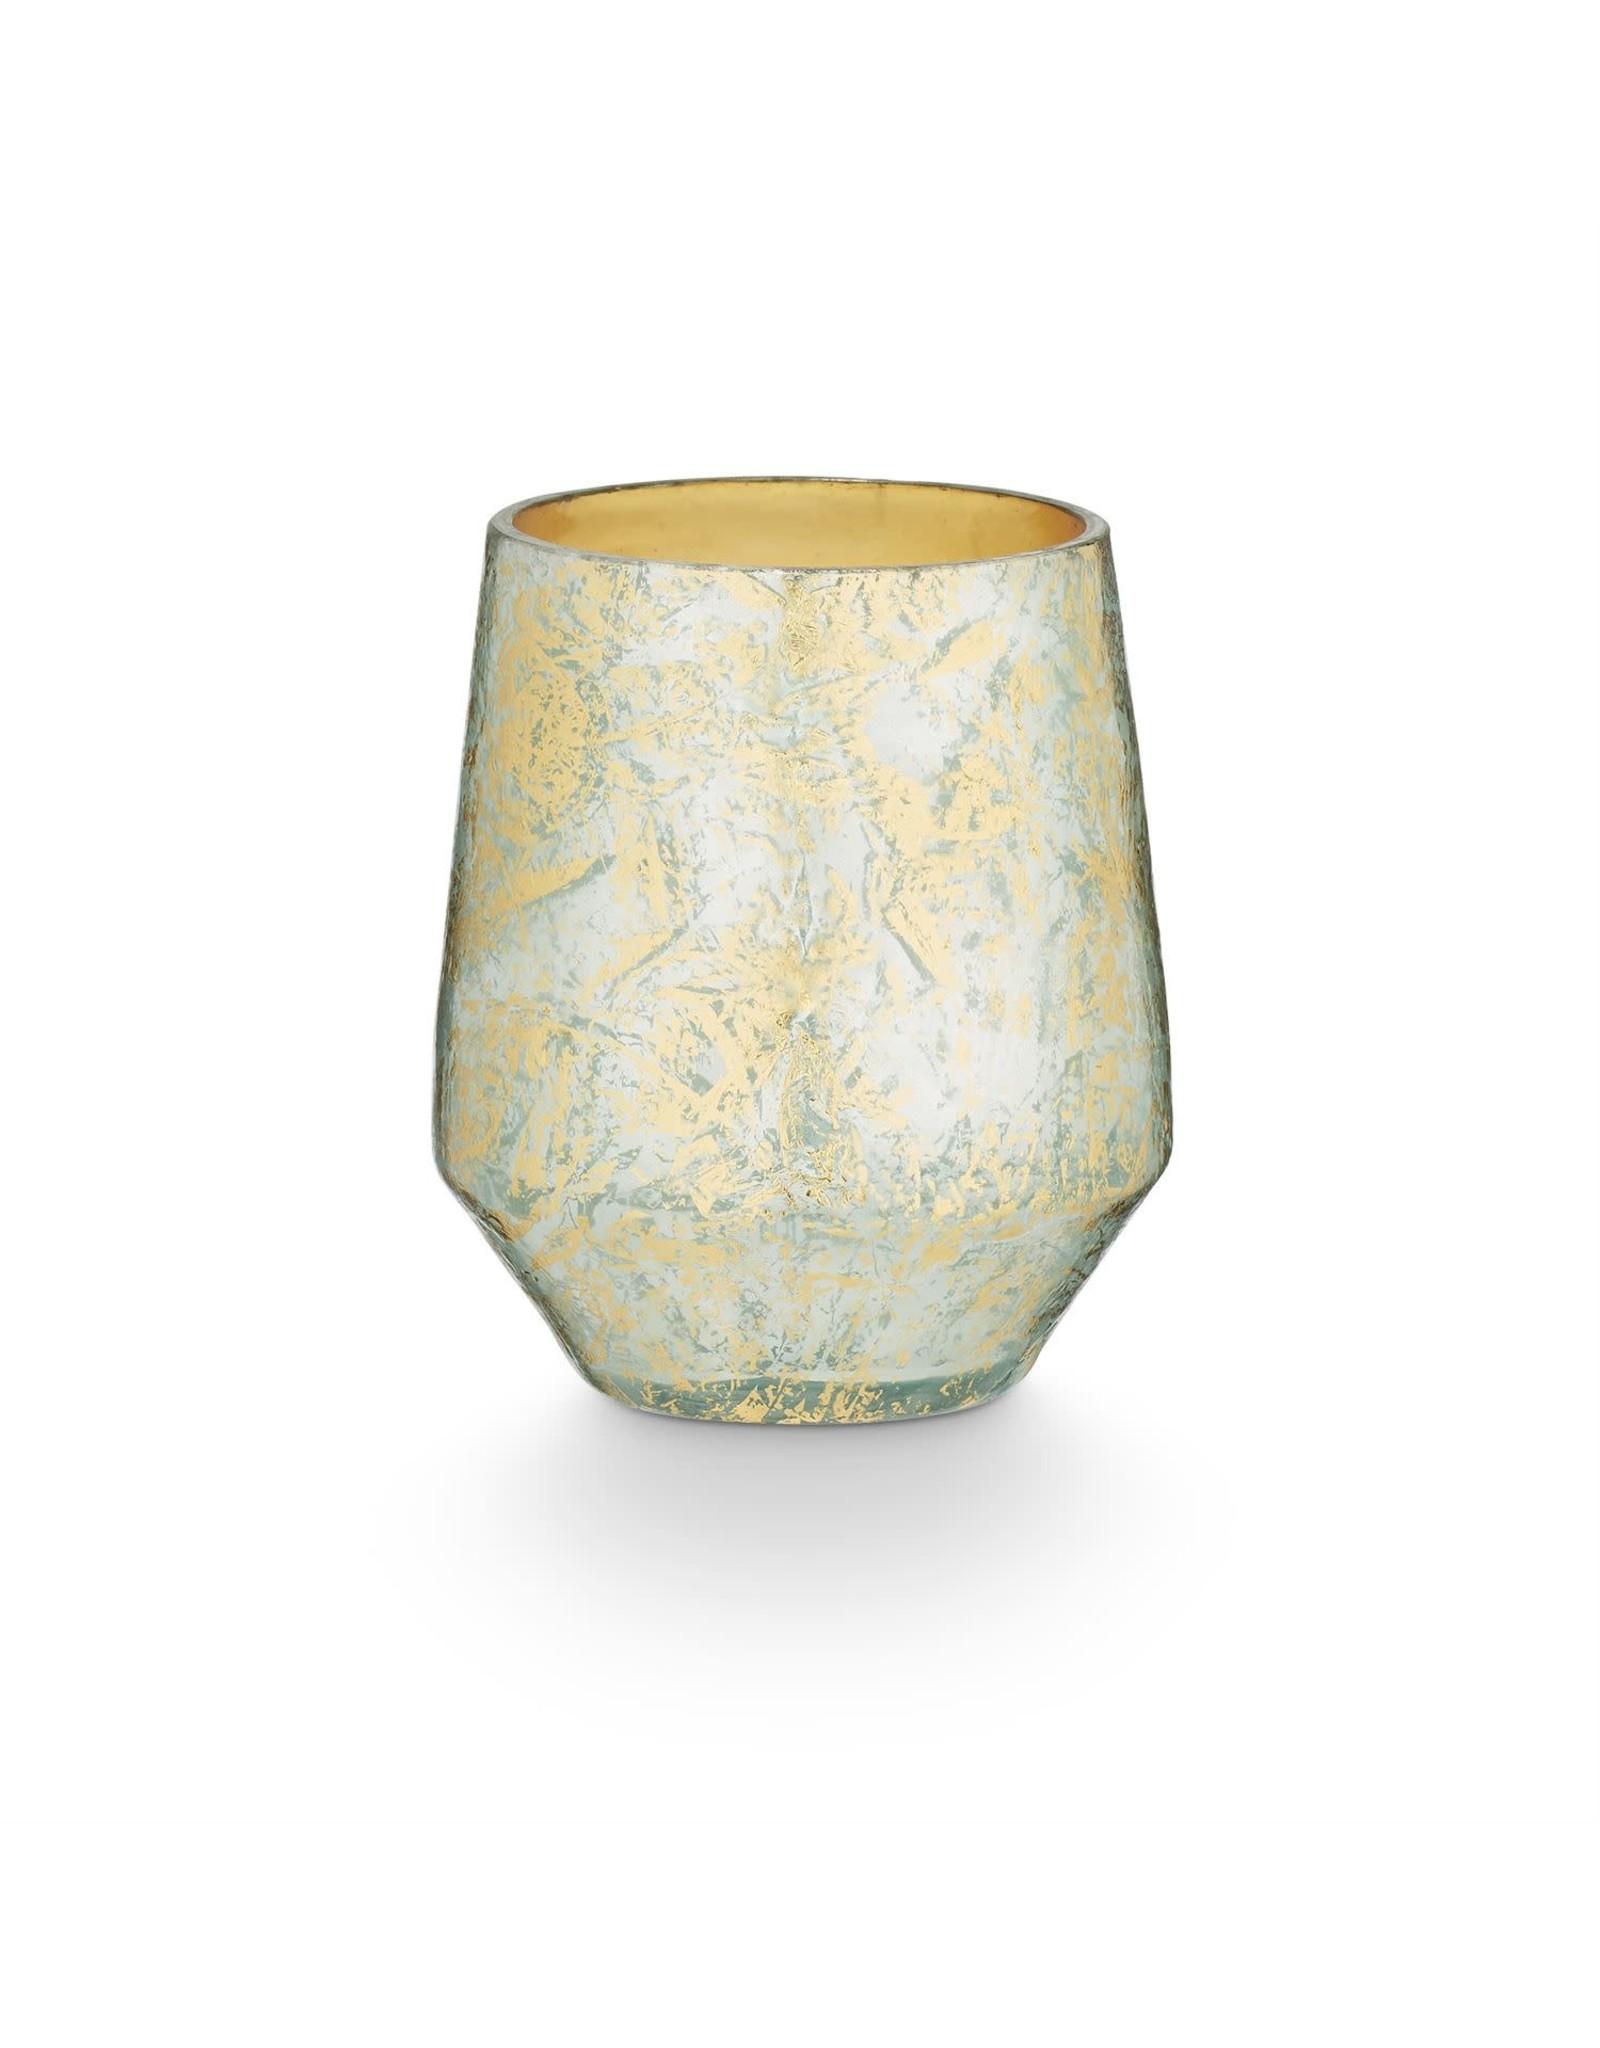 Illume 11 oz Desert Glass Candle - Fresh Sea Salt